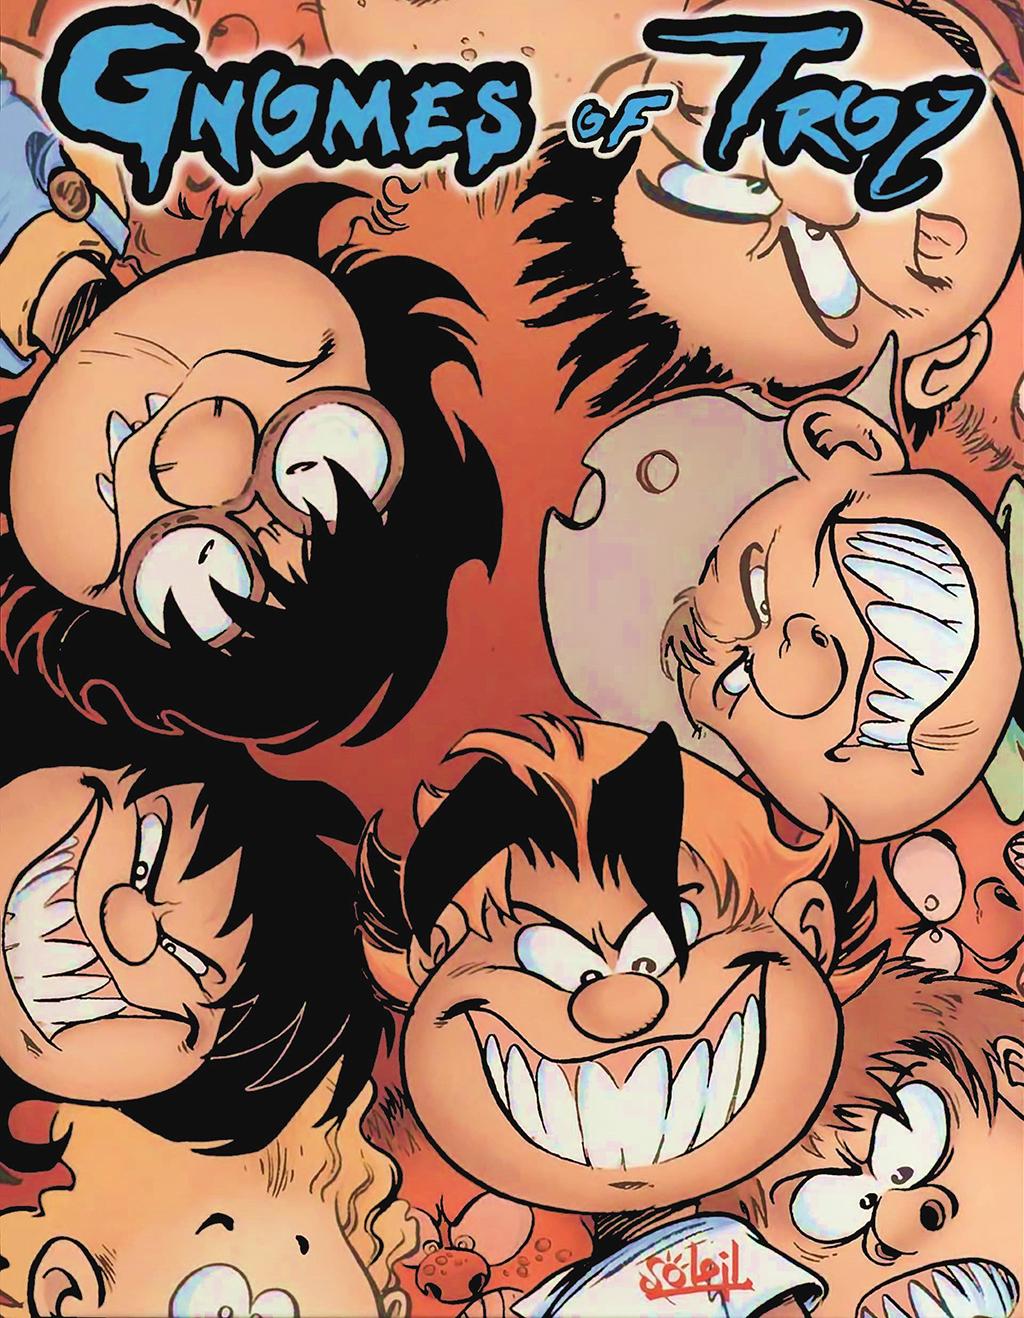 Комикс Гномы из Троя